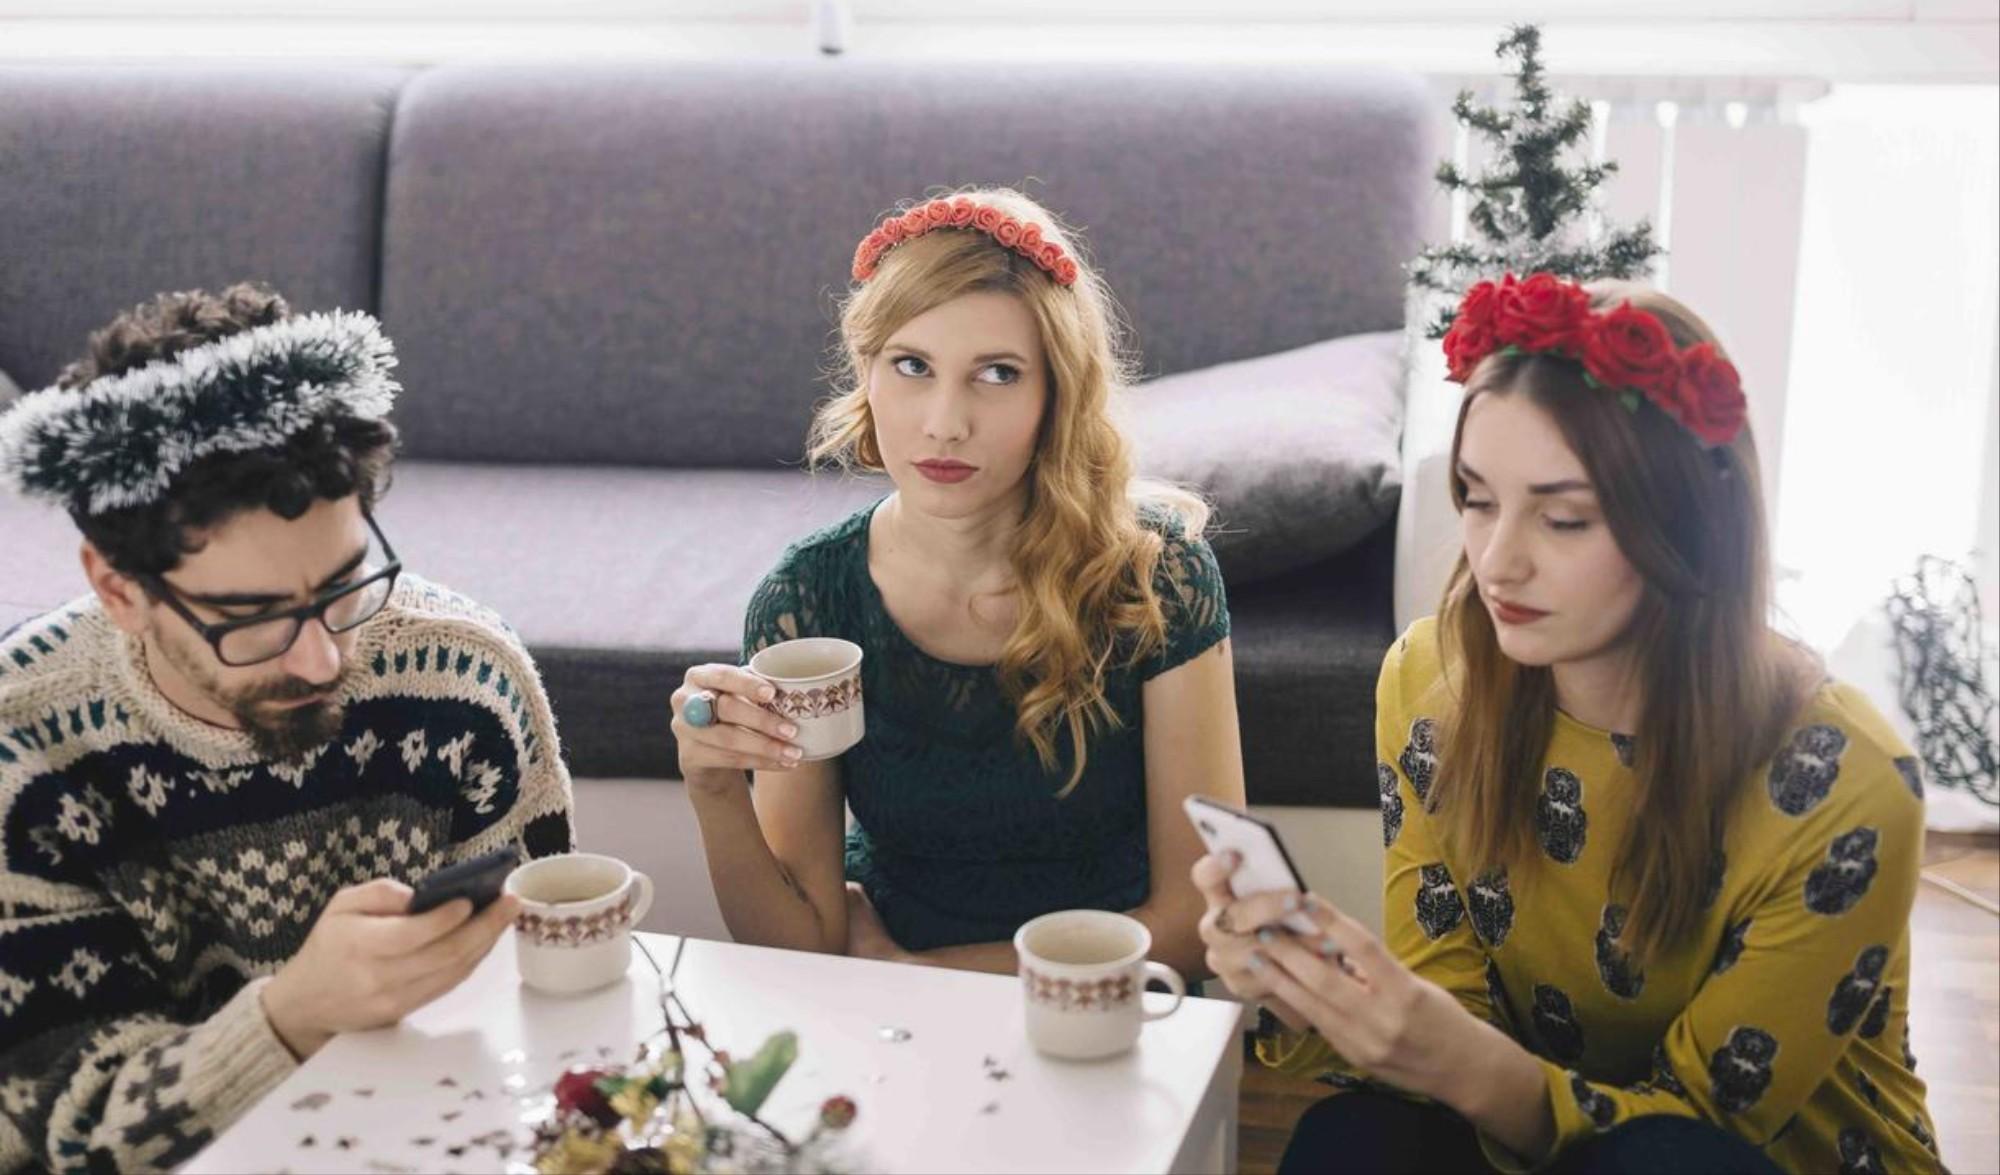 Party Weihnachtslieder.Die 1000 Schlimmsten Remixe Von Weihnachtsliedern 1 10 Vice